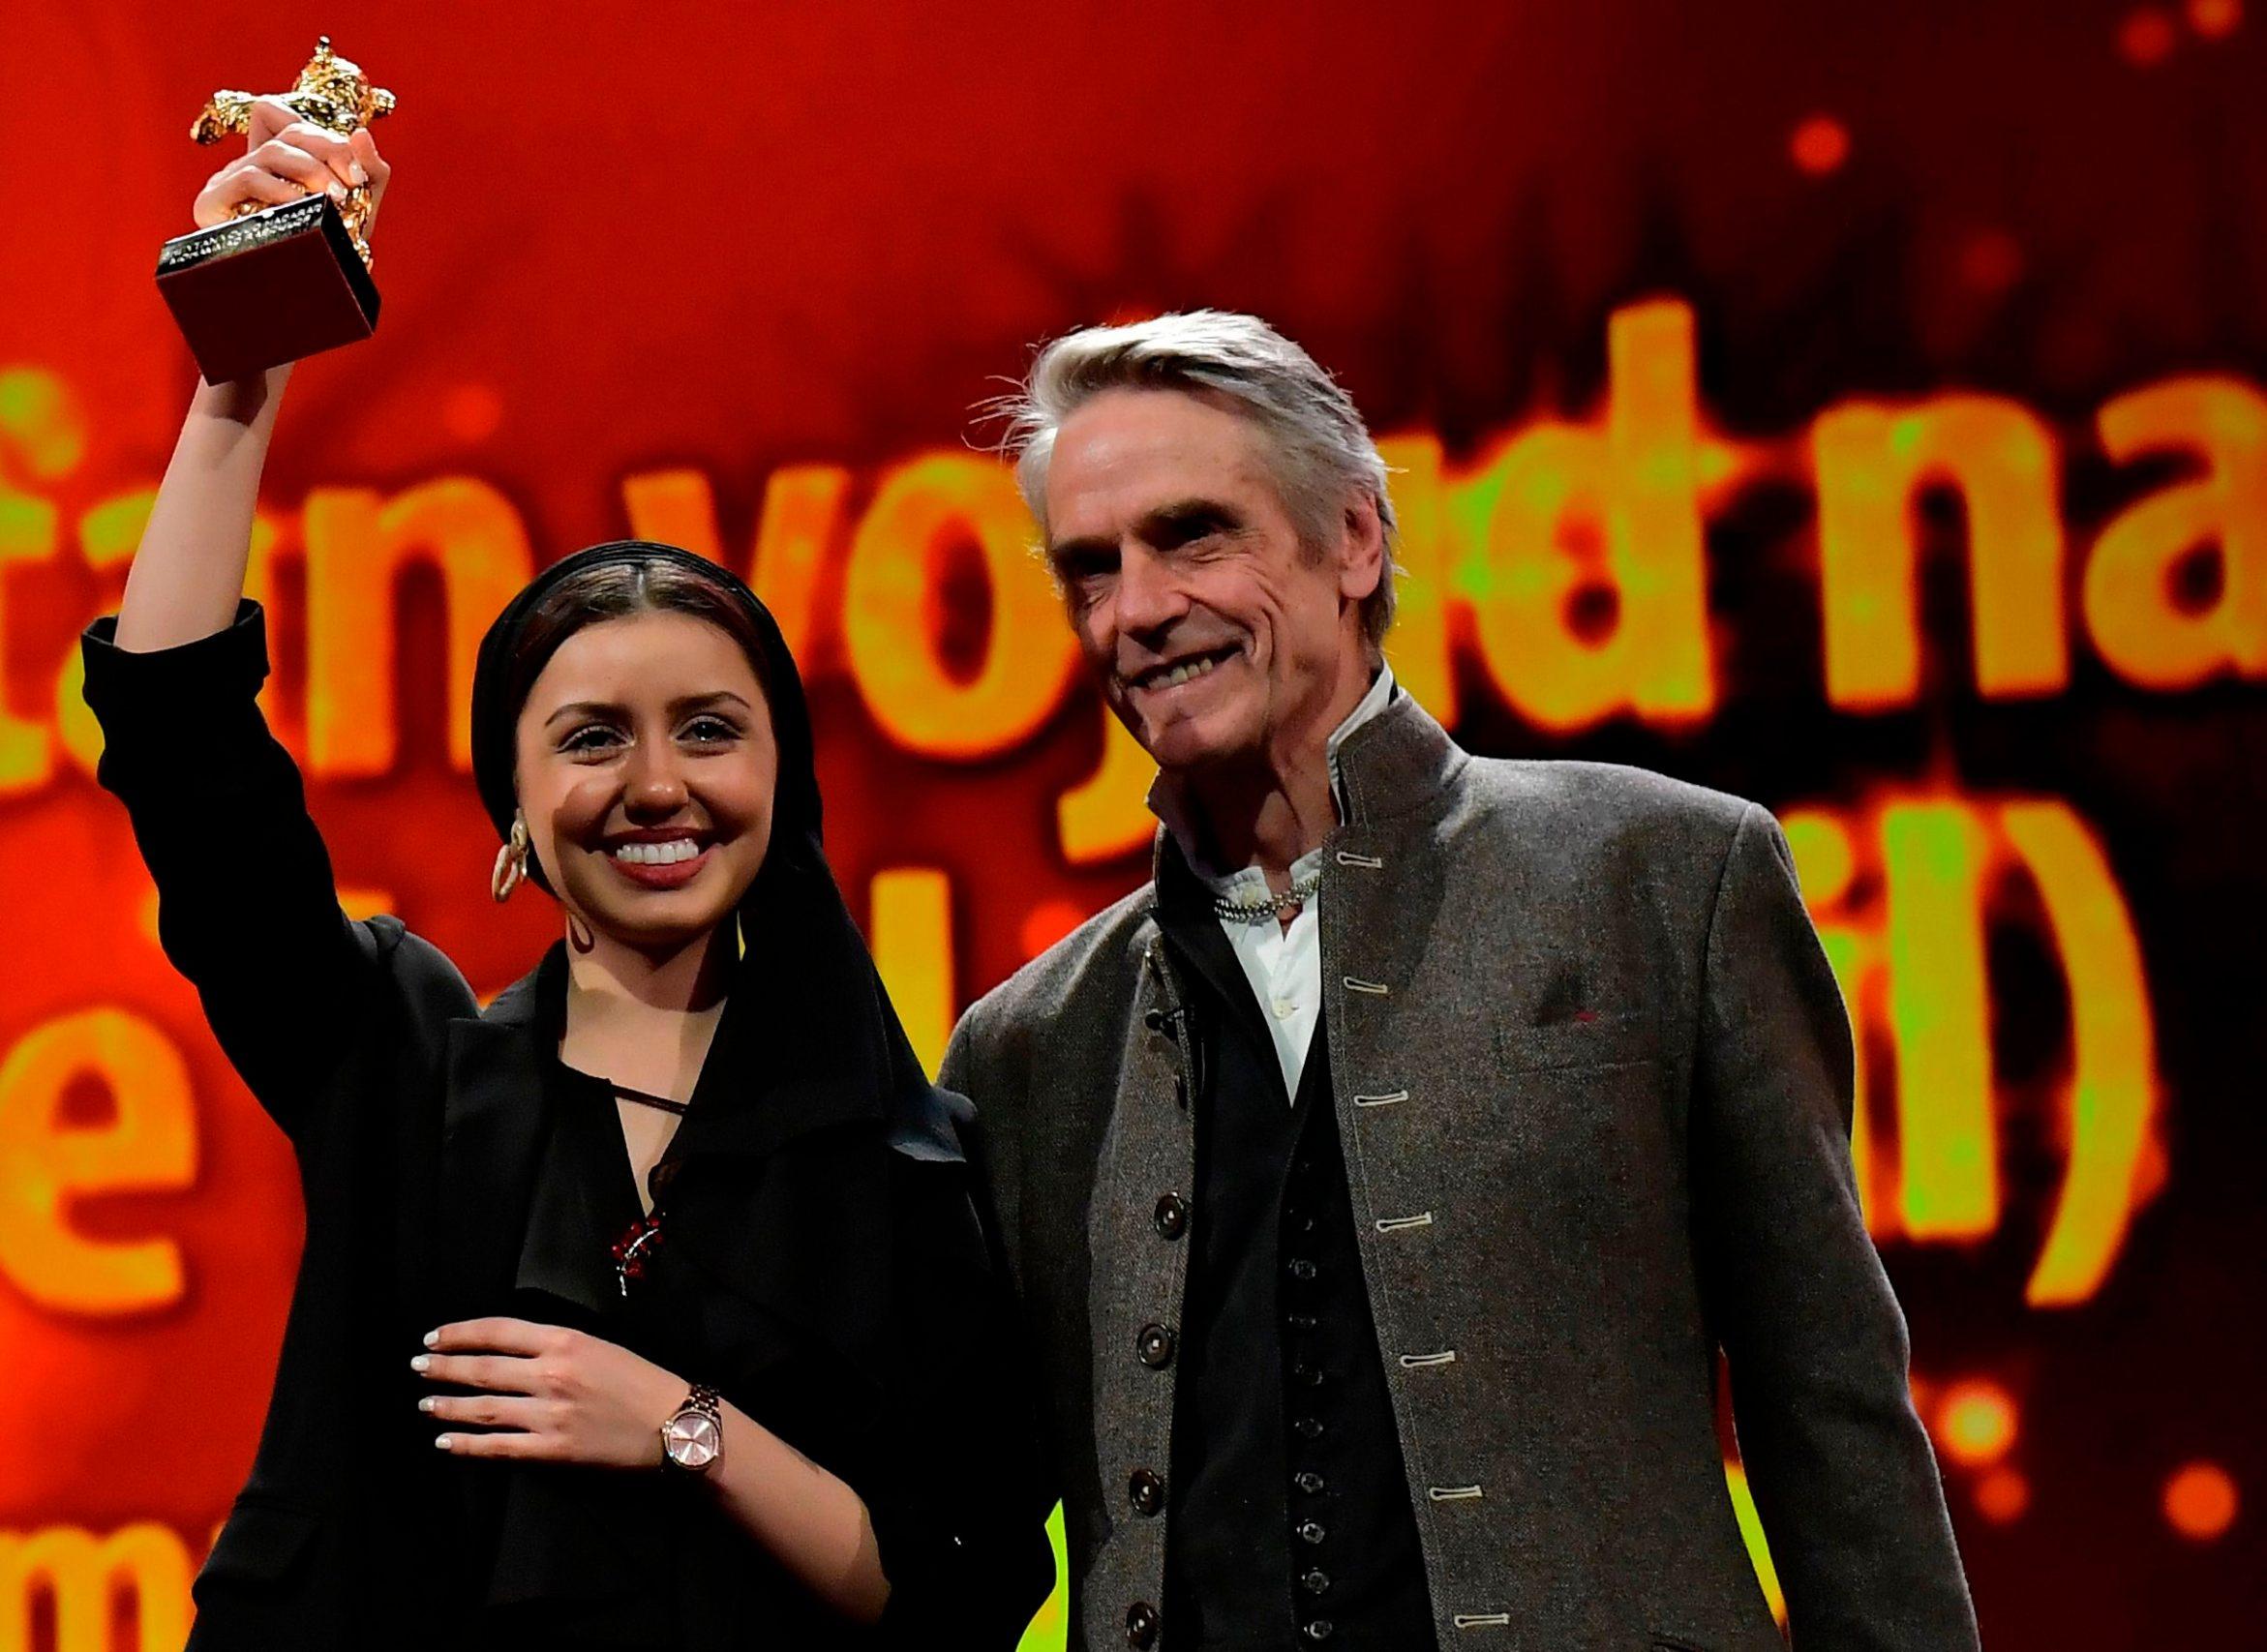 Britanski glumac Jeremy Irons kipić Zlatnog medvjeda uručio je kćerki redatelja Rassulofa